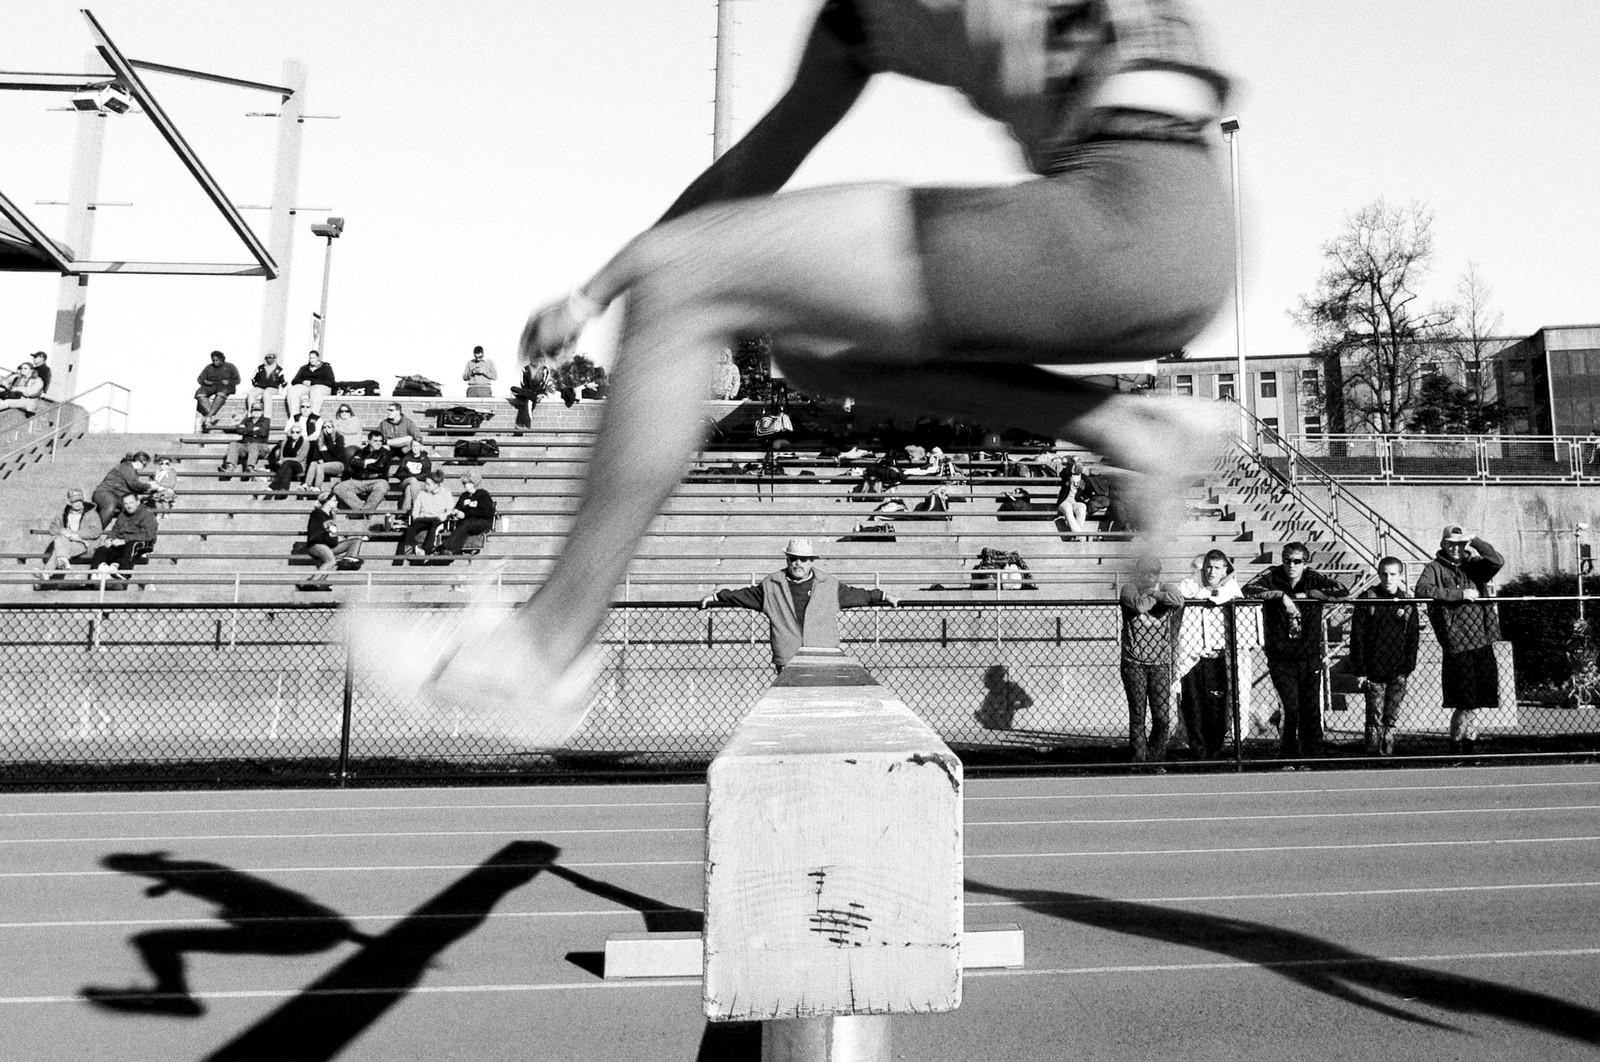 steeplechase-2005-copyright-daniel-d-teoli-jr.jpg